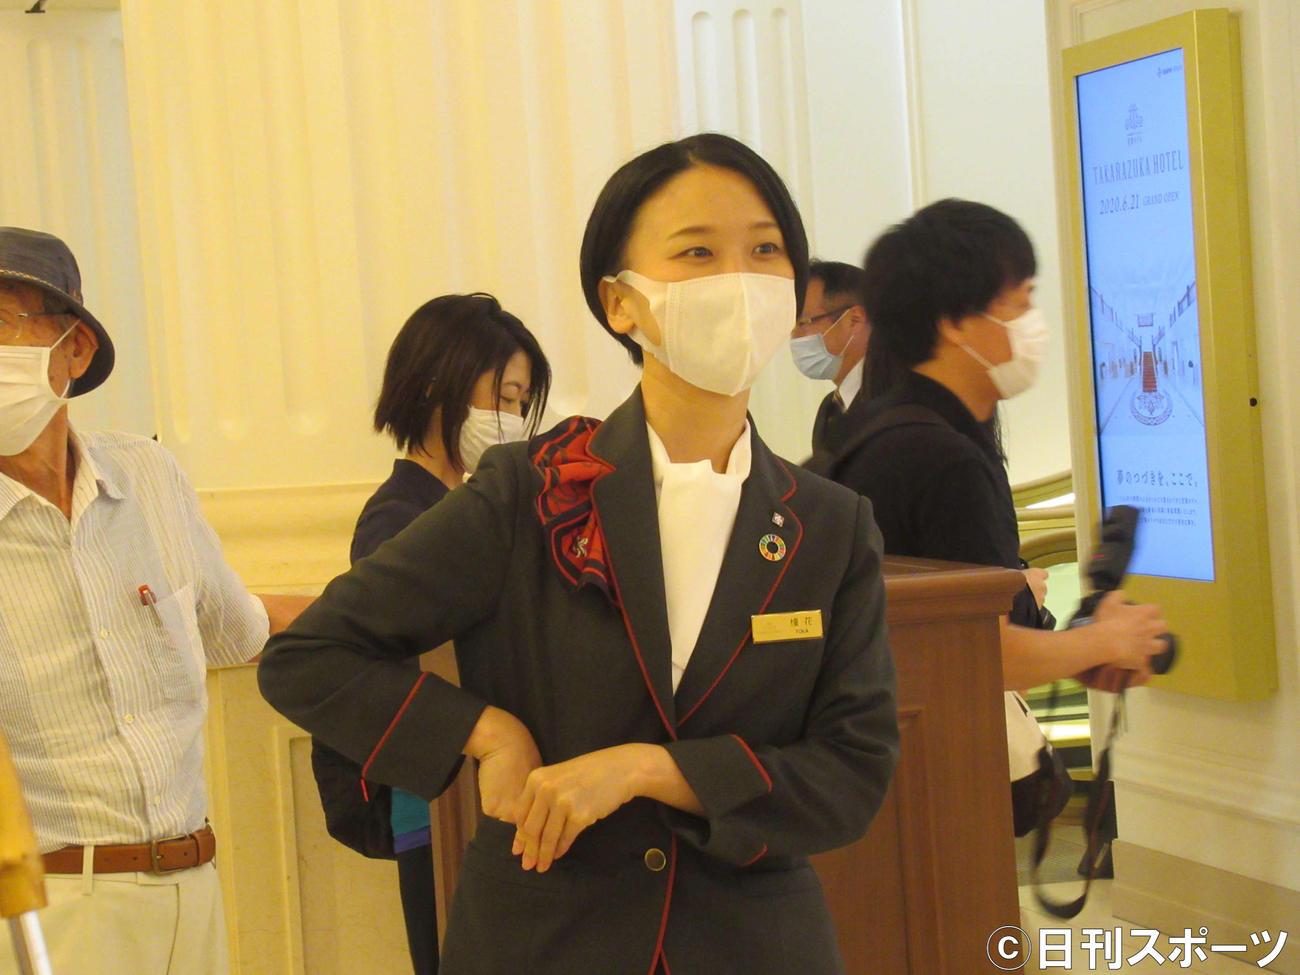 宝塚ホテルのロビーで客を迎える支配人の憧花ゆりのさん(撮影・星名希実)